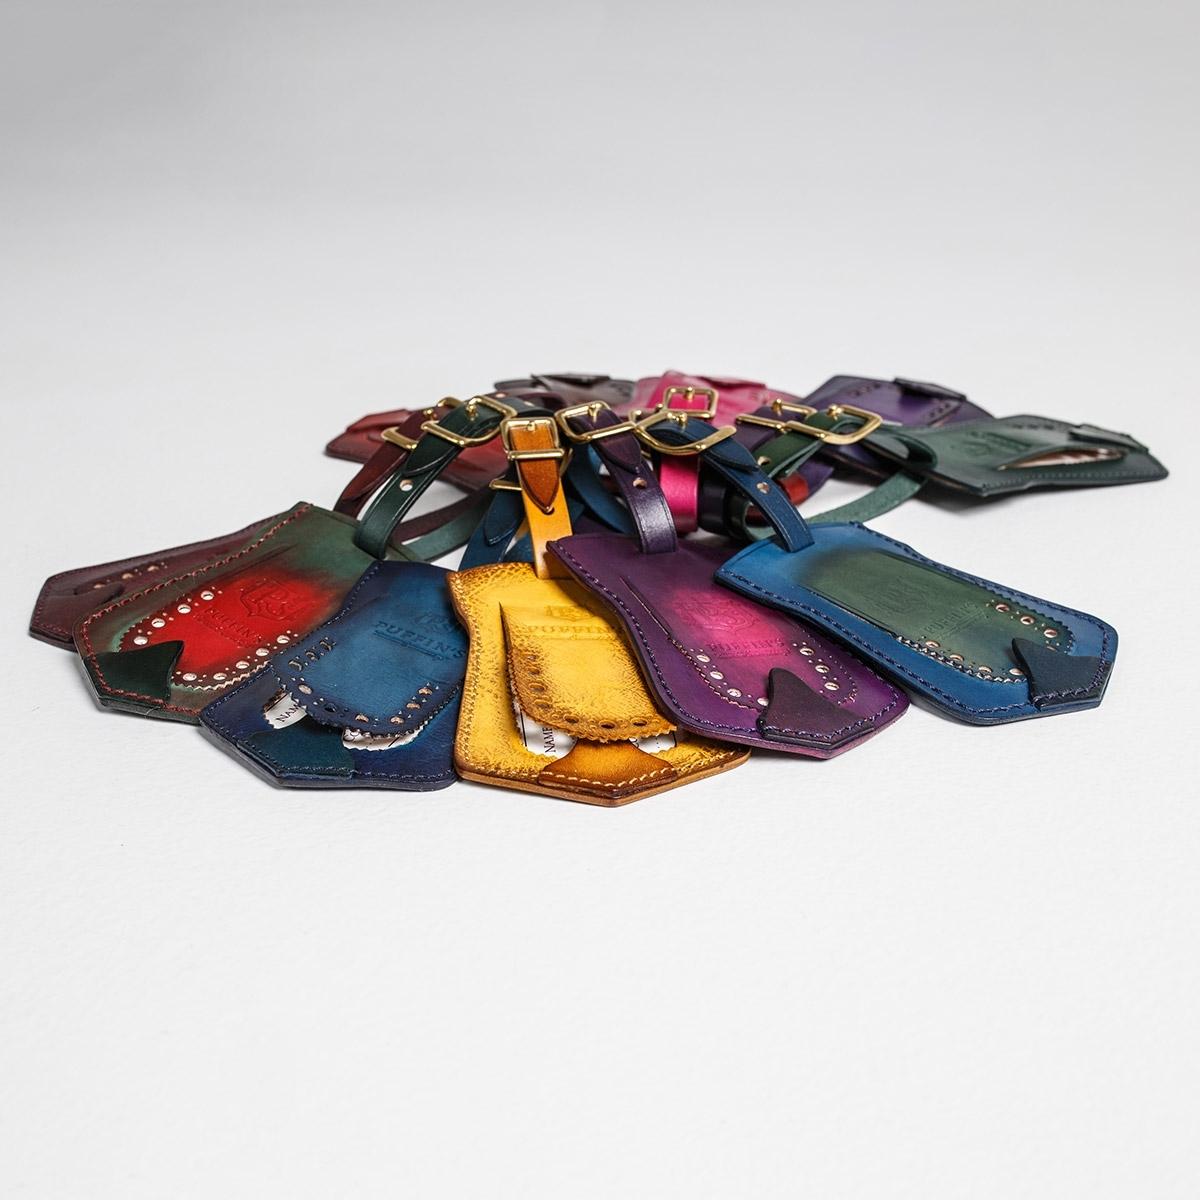 Багажный ярлык TAVARUA персонализированный с патиной пурпурный